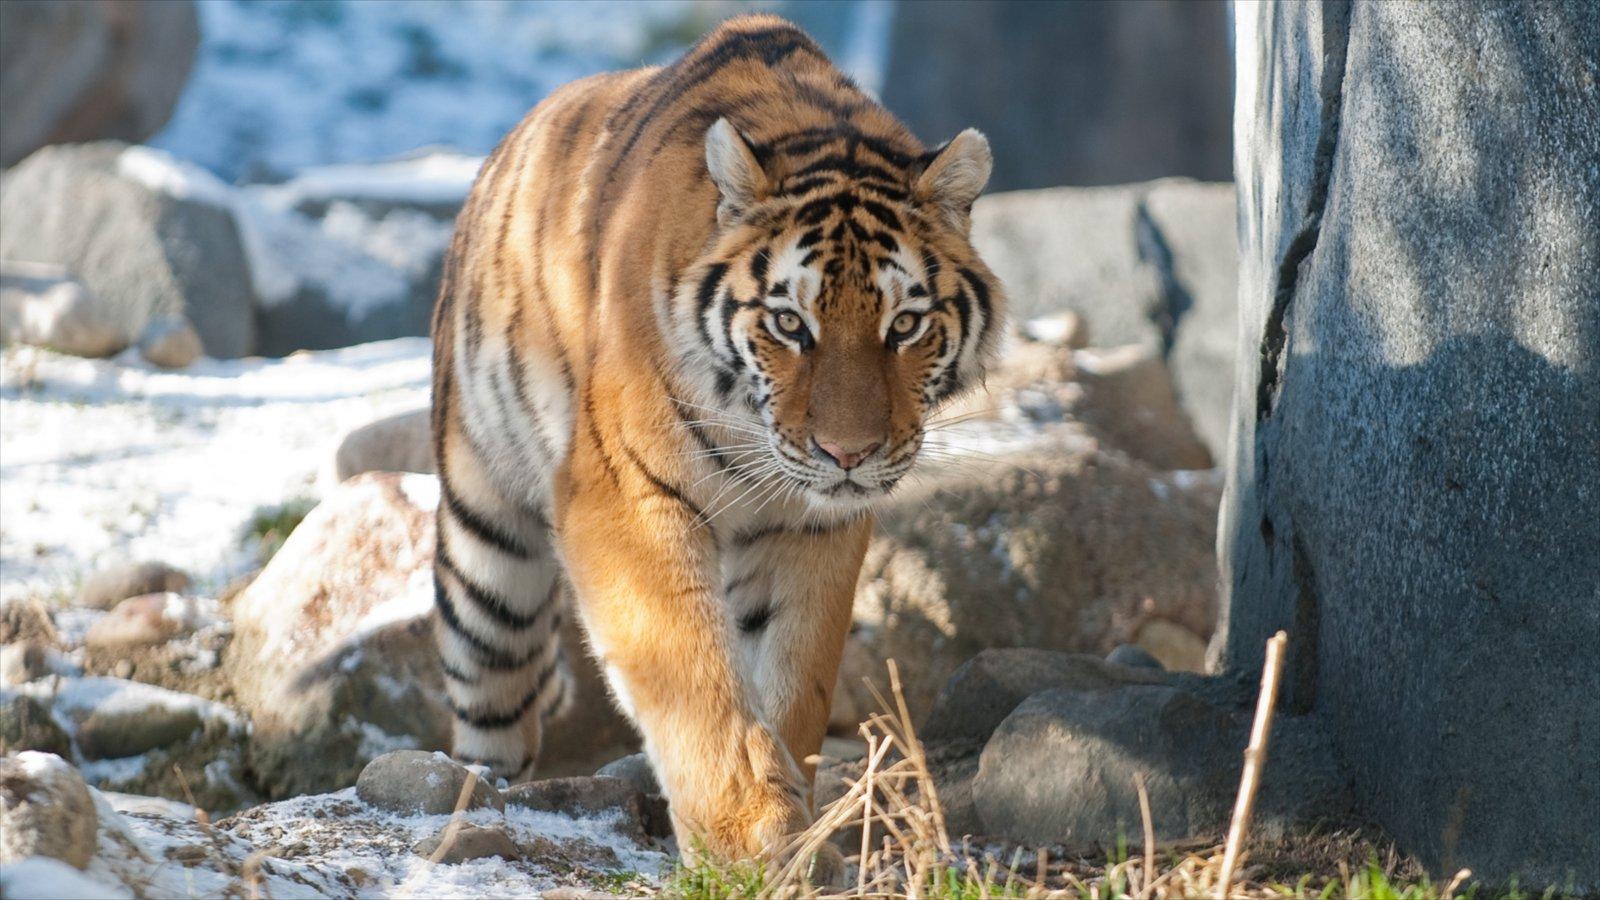 Columbus Zoo And Aquarium Pictures View Photos Images